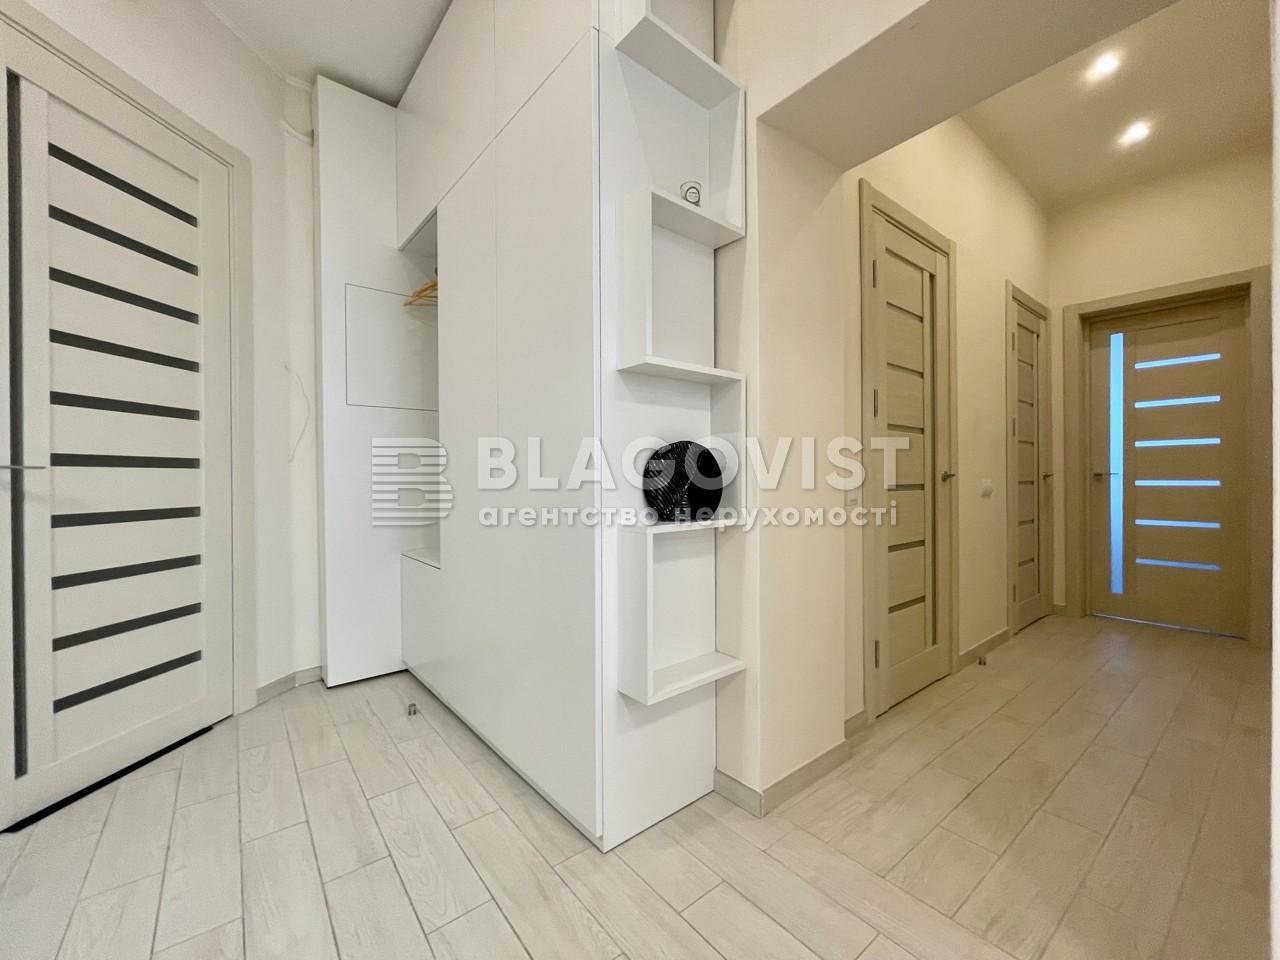 Квартира F-45060, Старокиевская, 27, Киев - Фото 19